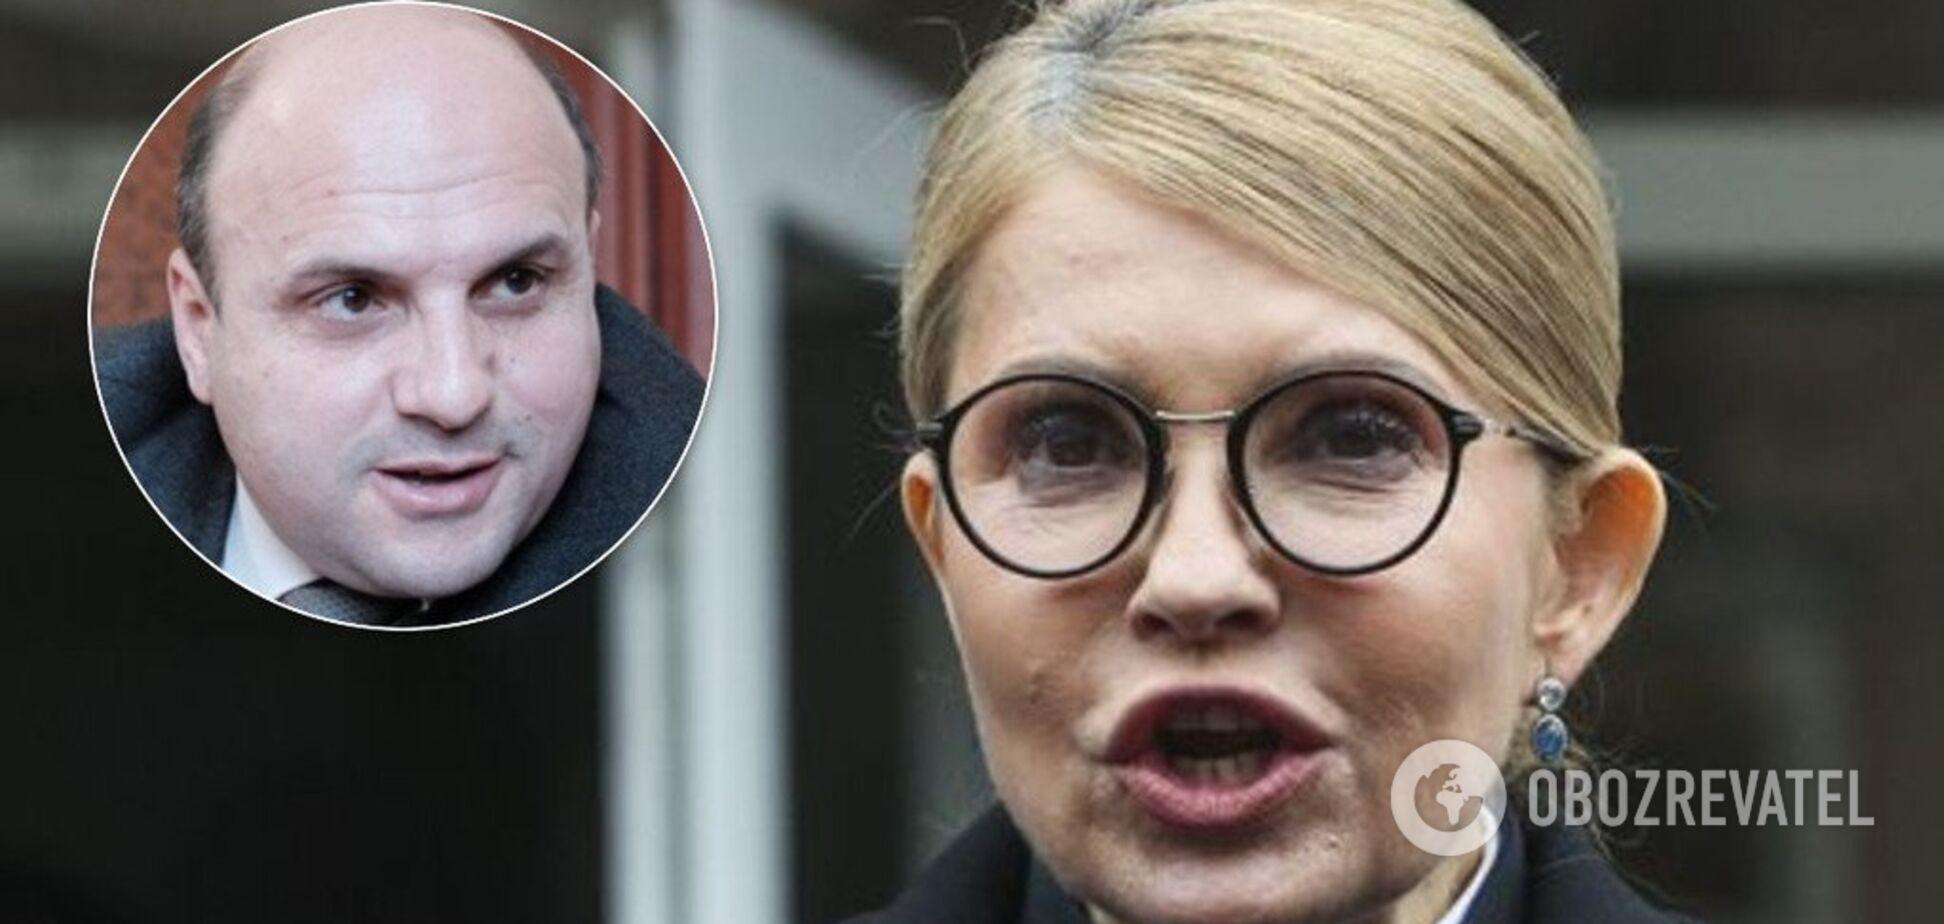 У Тимошенко проблеми? Голова Чернівецької ОДА, що погорів на хабарі, виявився членом 'Батьківщини'